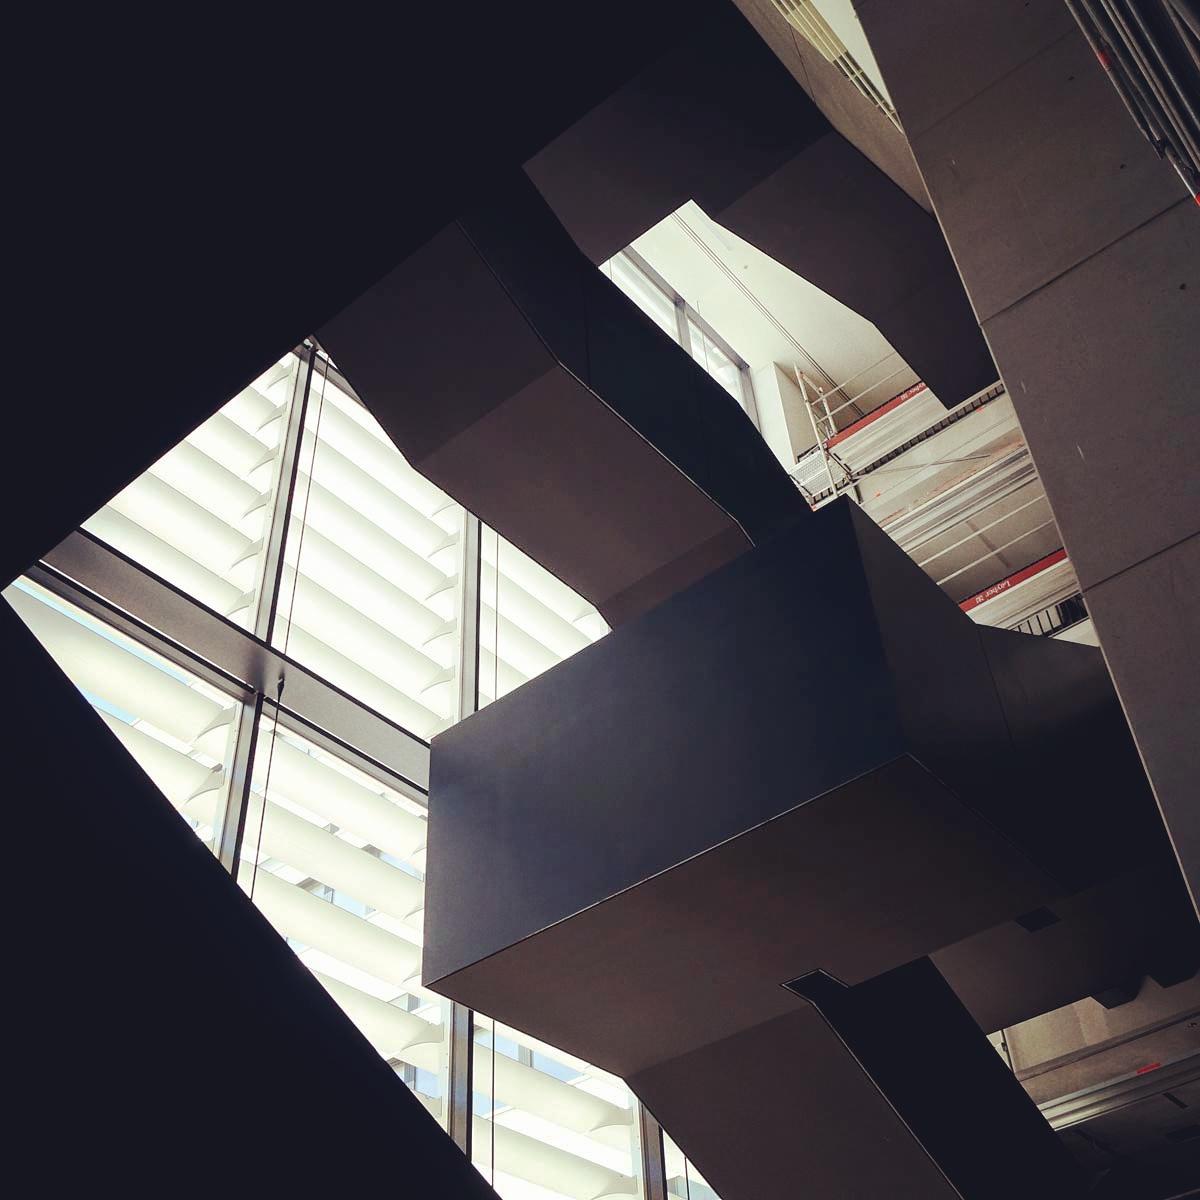 treppenhaus-gebaude-v_w